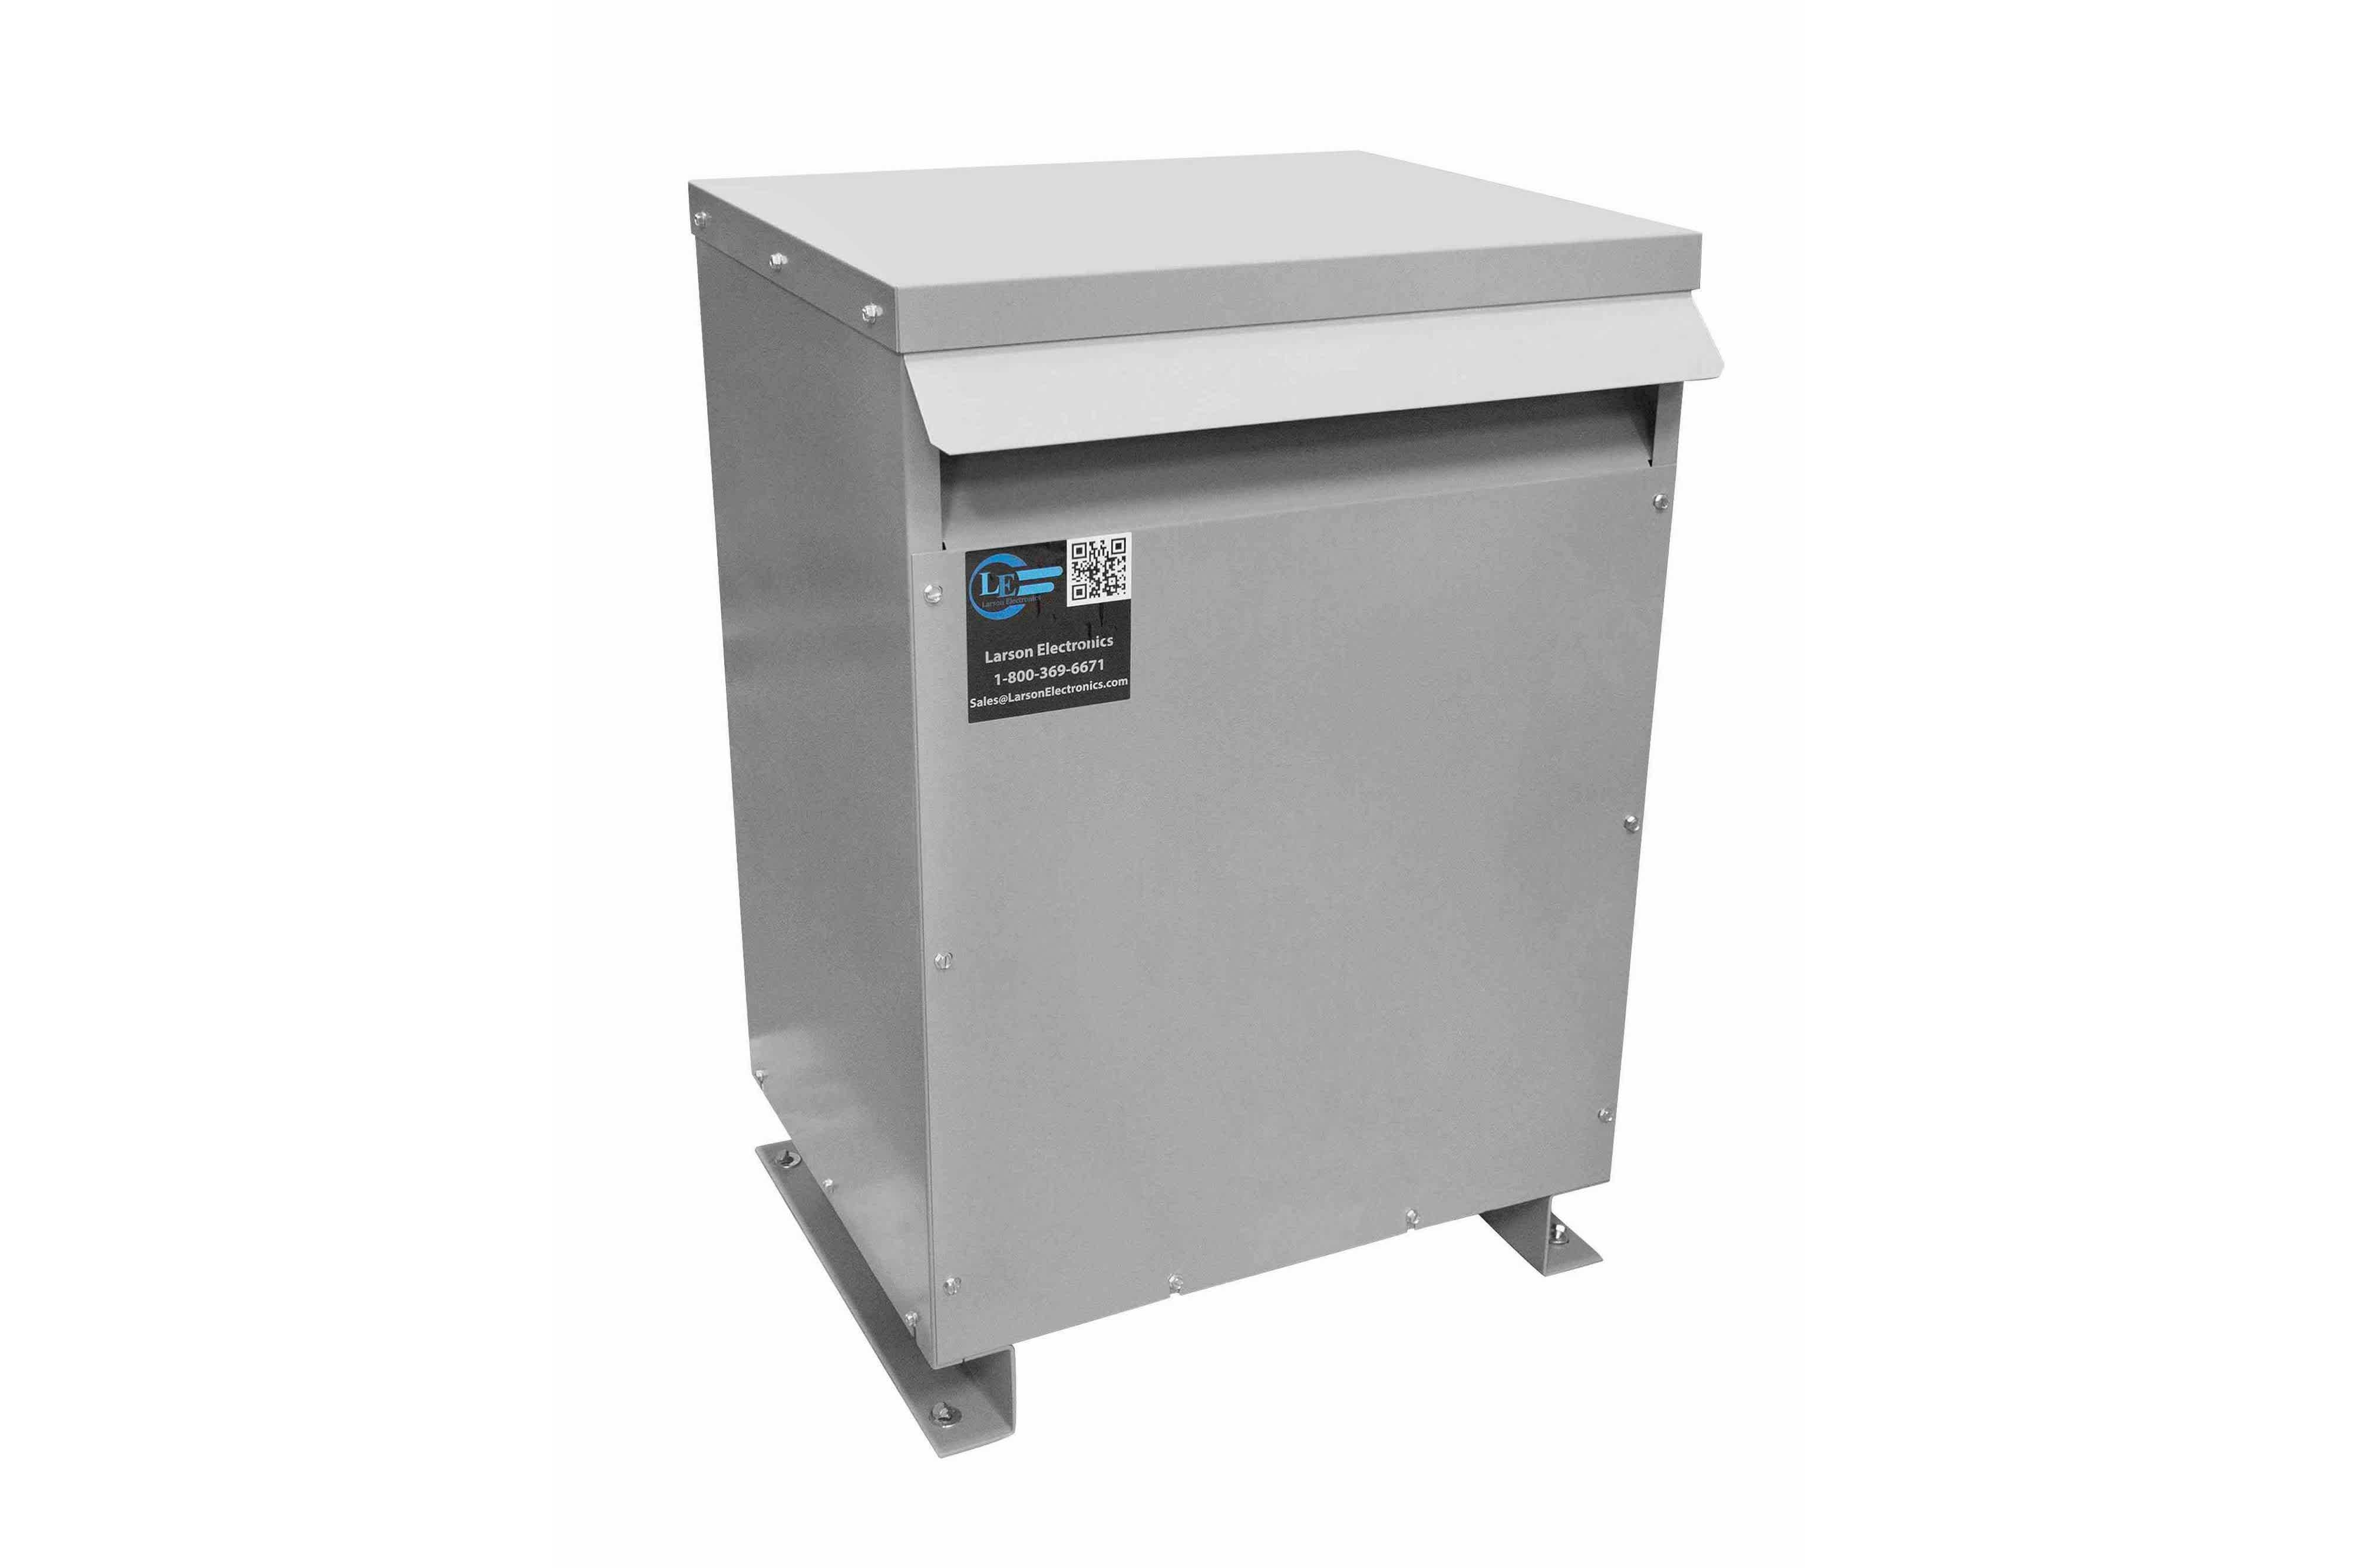 1000 kVA 3PH Isolation Transformer, 480V Delta Primary, 240 Delta Secondary, N3R, Ventilated, 60 Hz